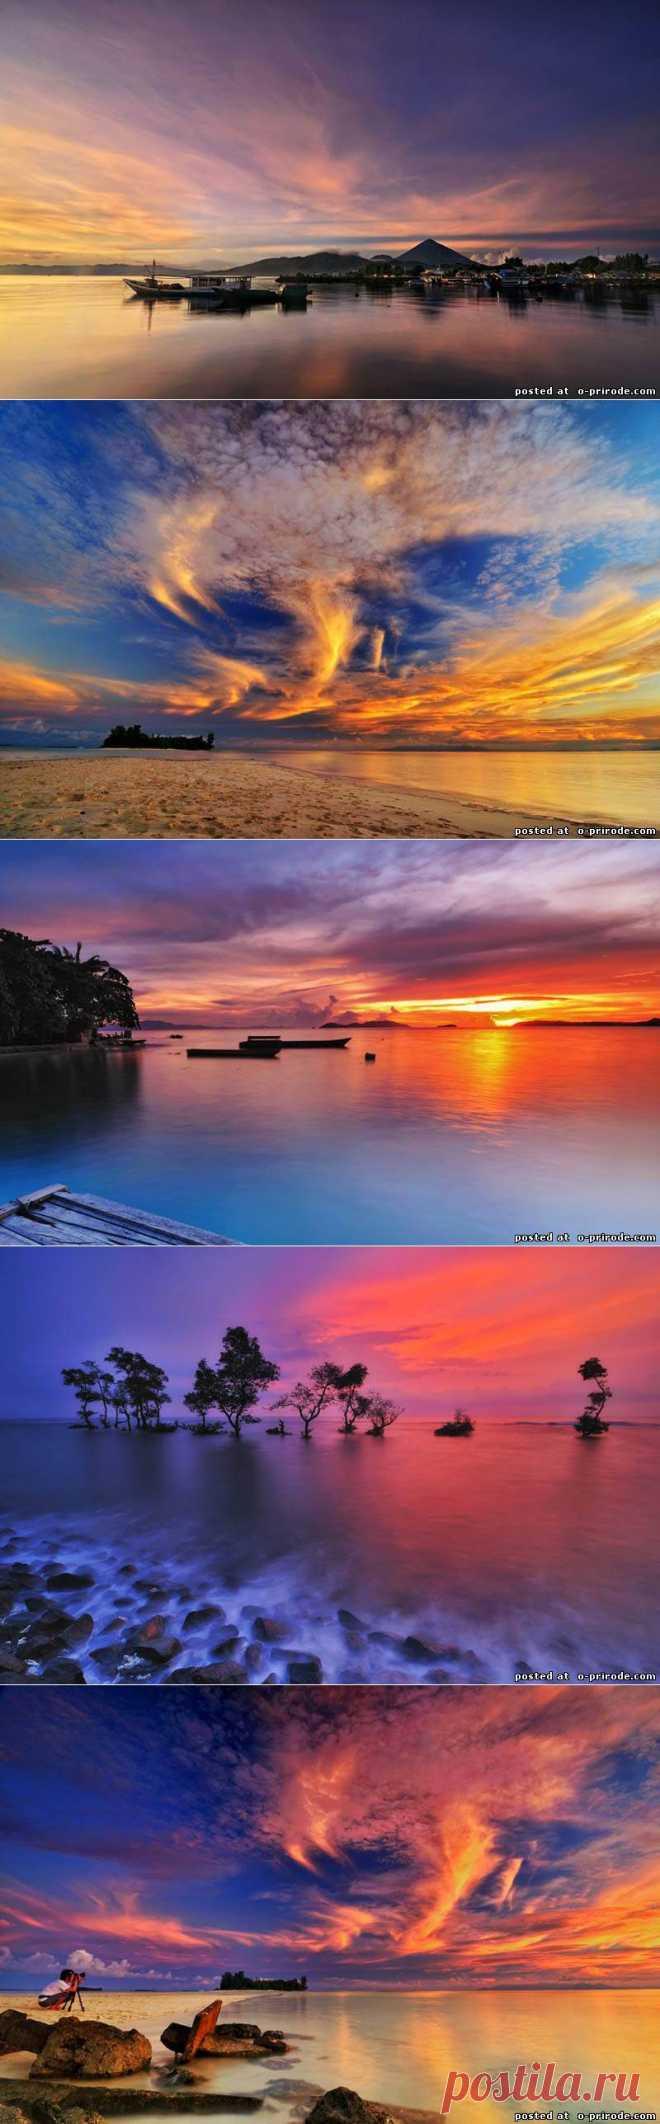 Красивые закаты от Arnov Setyanto - Фото мир природы